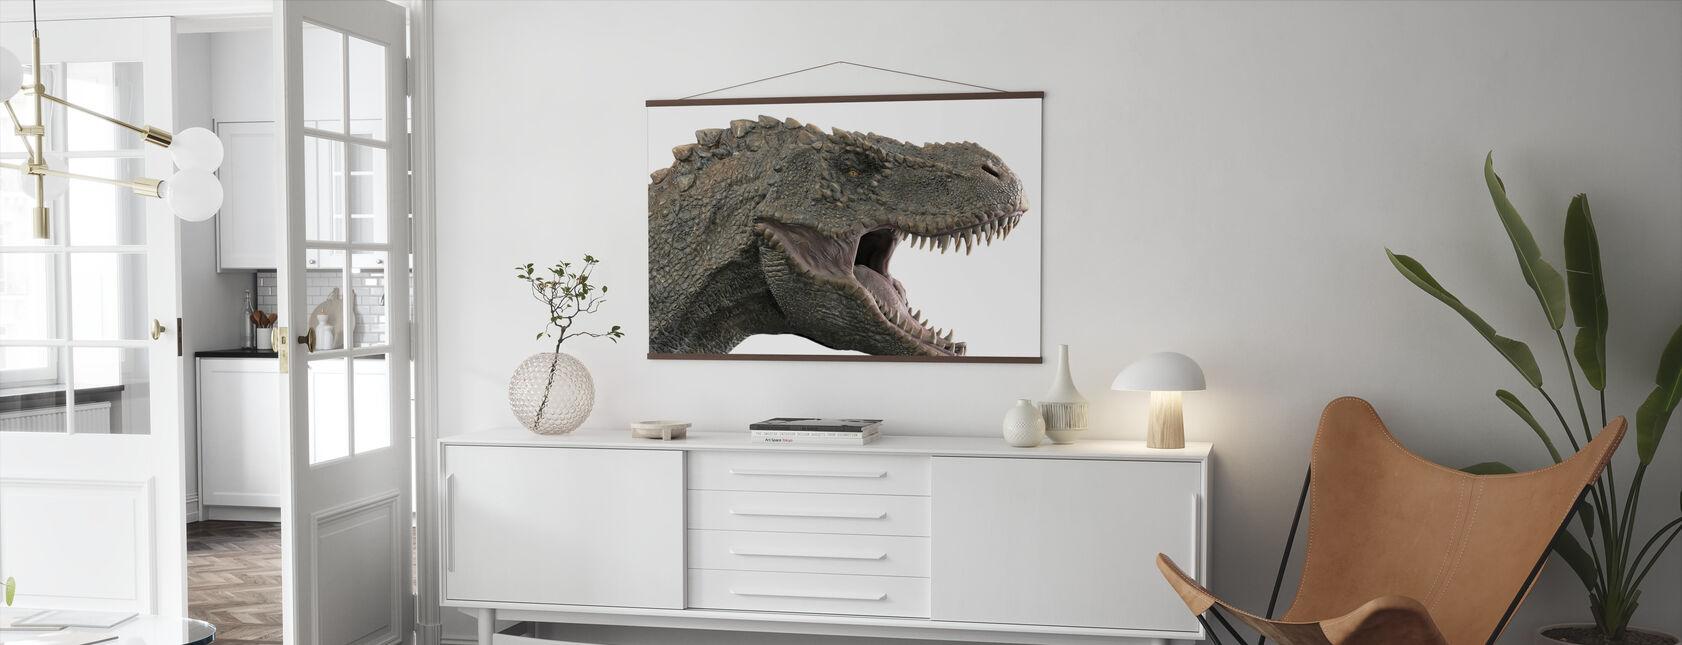 T-Rex Dinosaur - Poster - Living Room